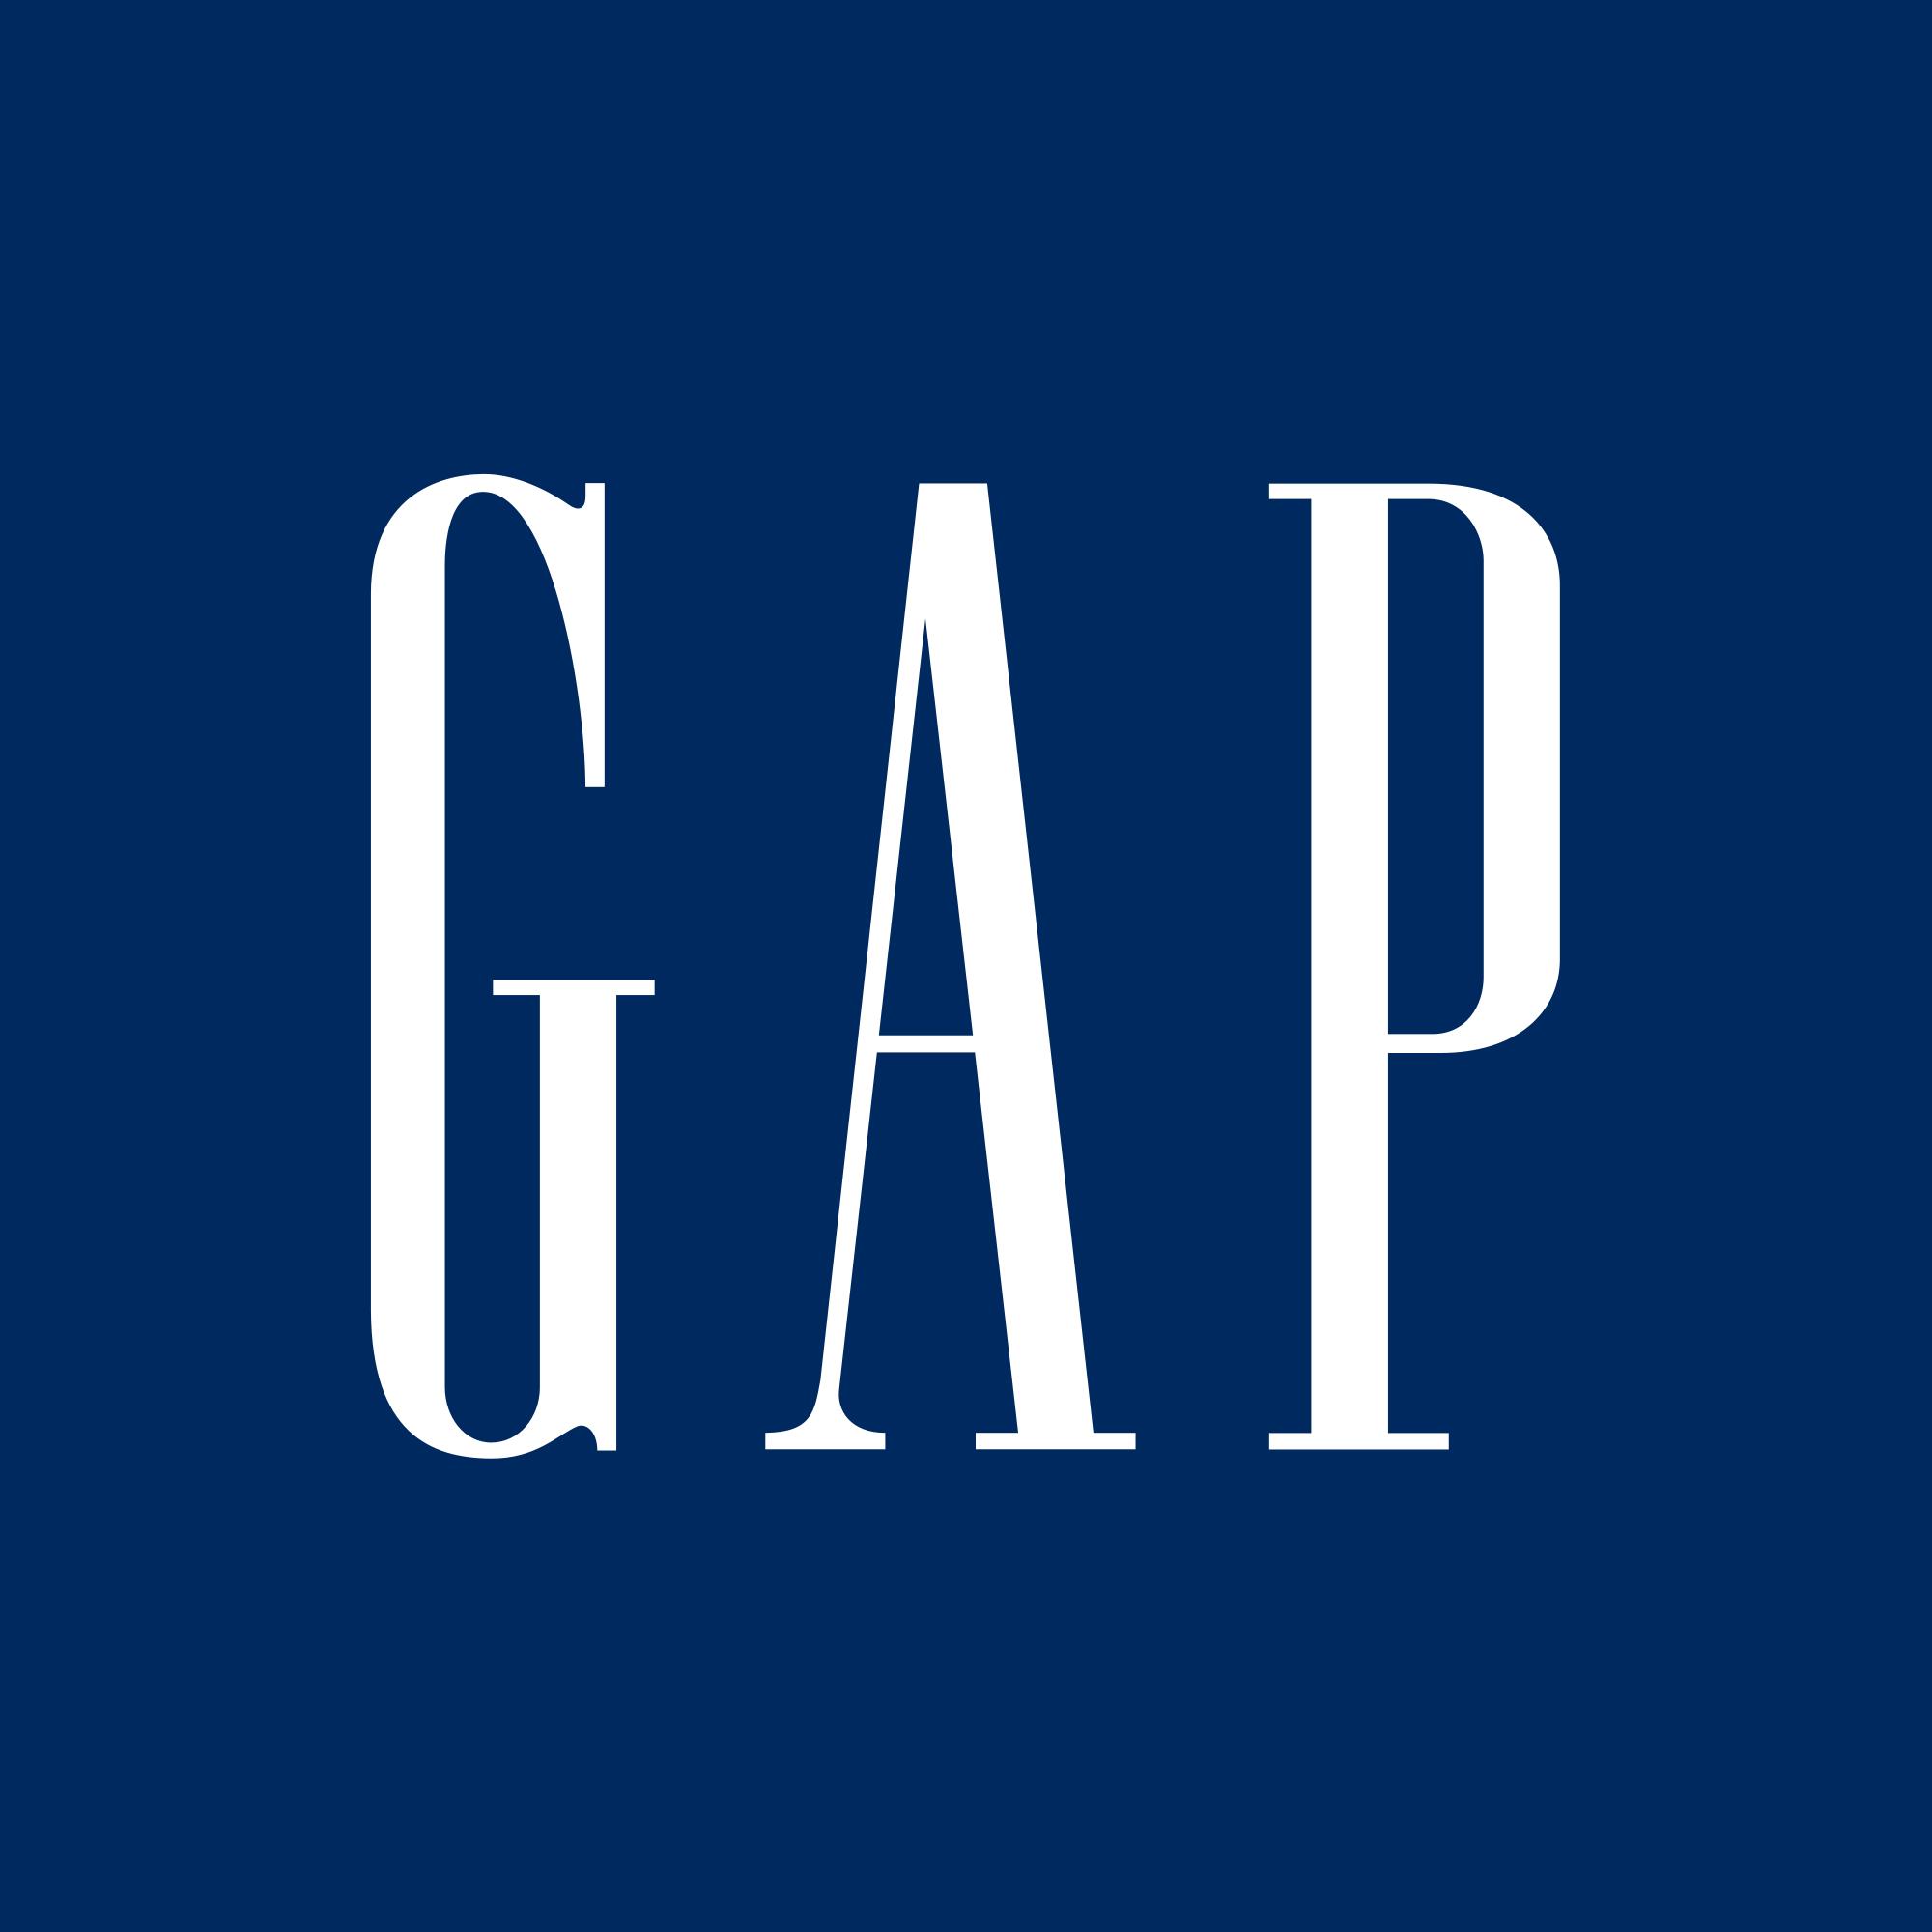 Gap (NYSE:GPS) Company Logo